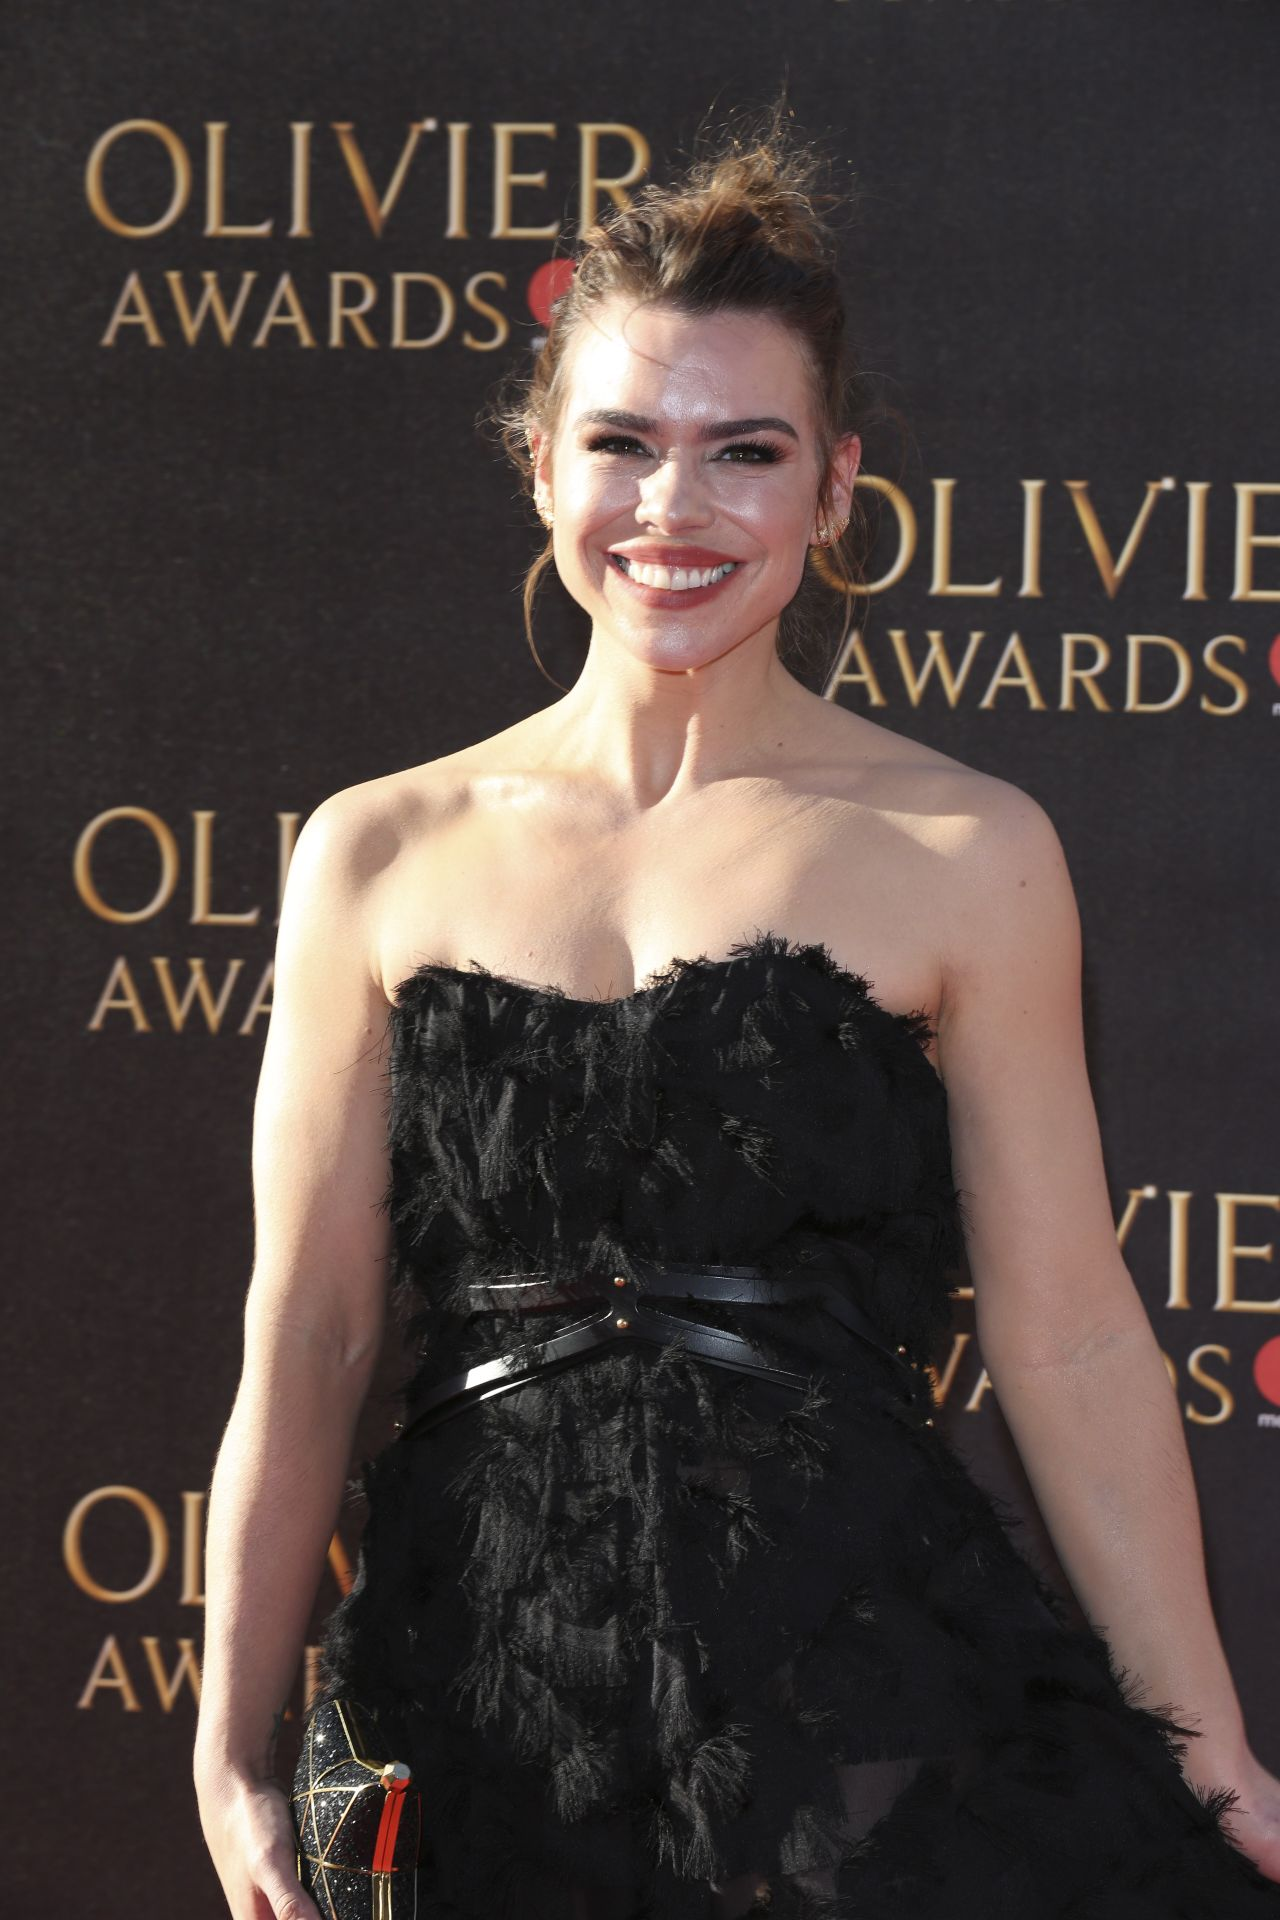 Billie Piper Olivier Awards 2017 In London